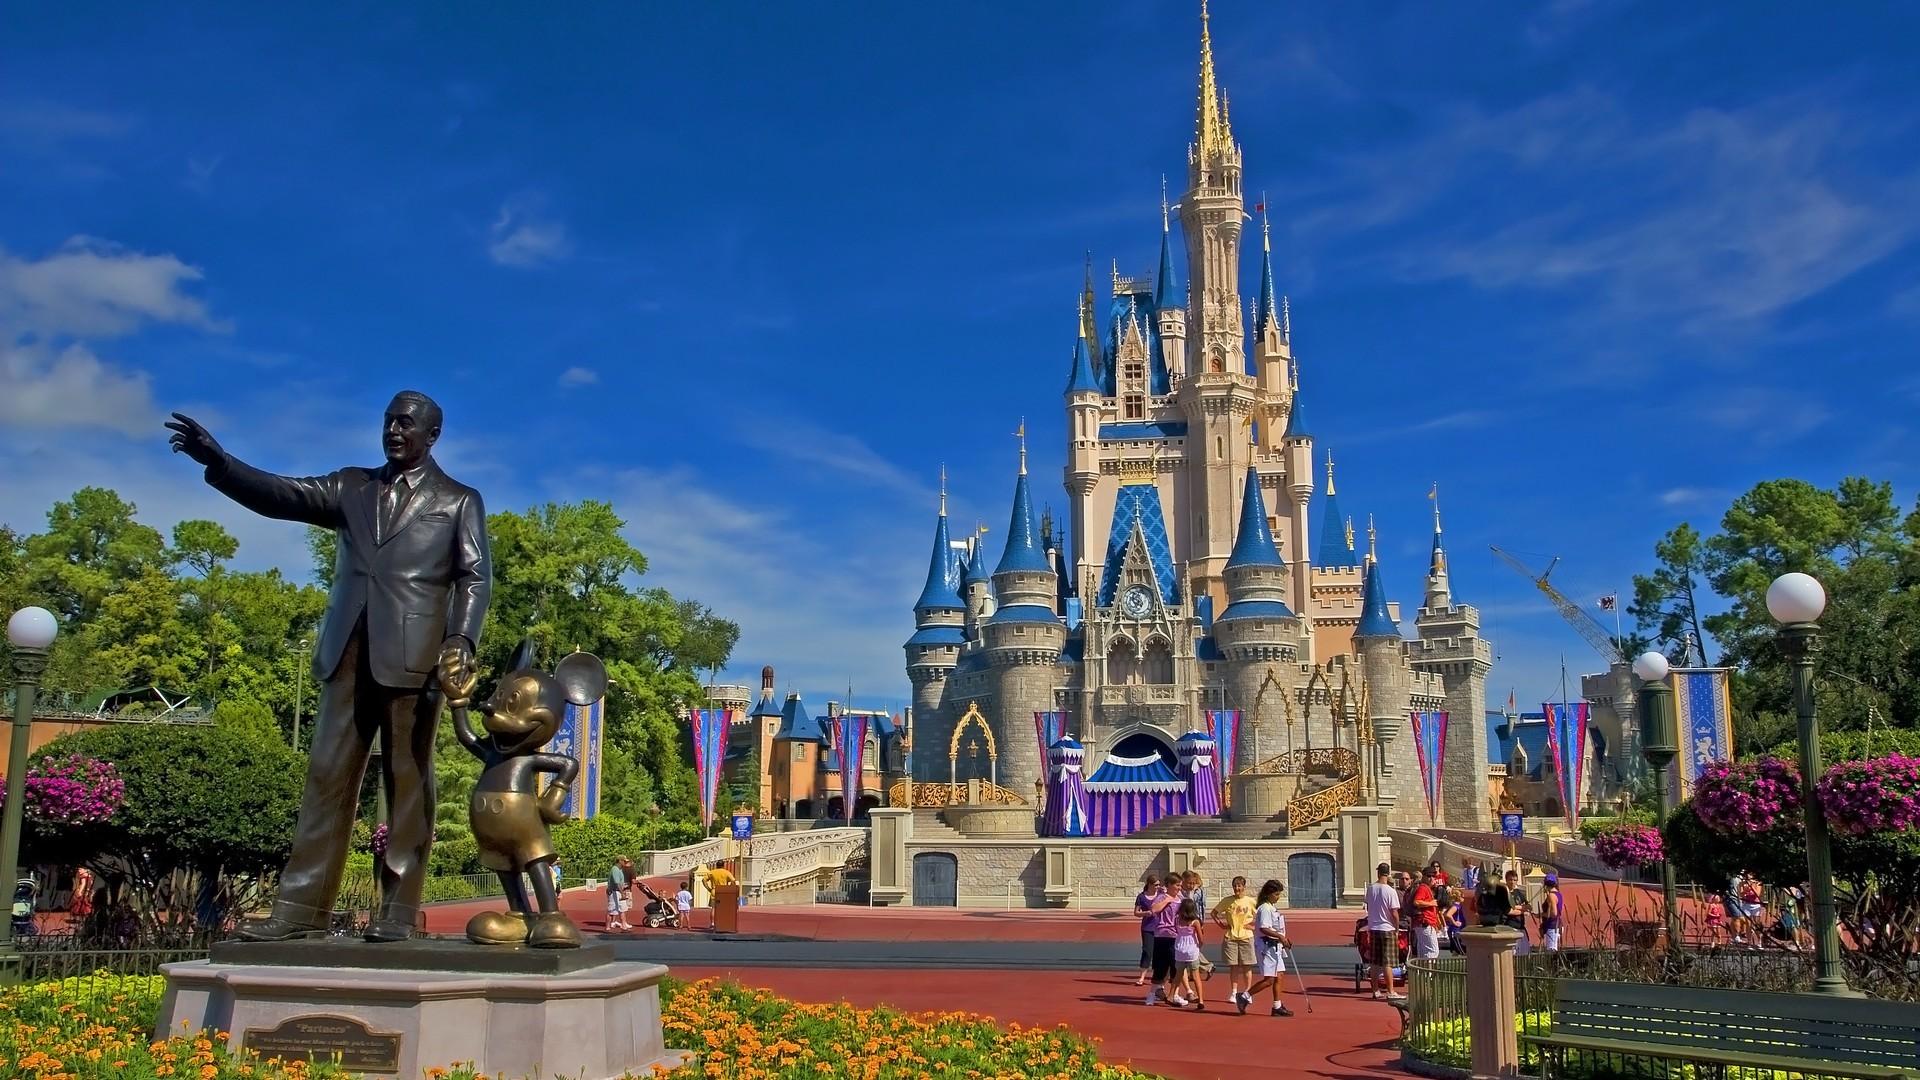 High Resolution Disney Wallpaper: Walt Disney World HD Wallpaper (71+ Images